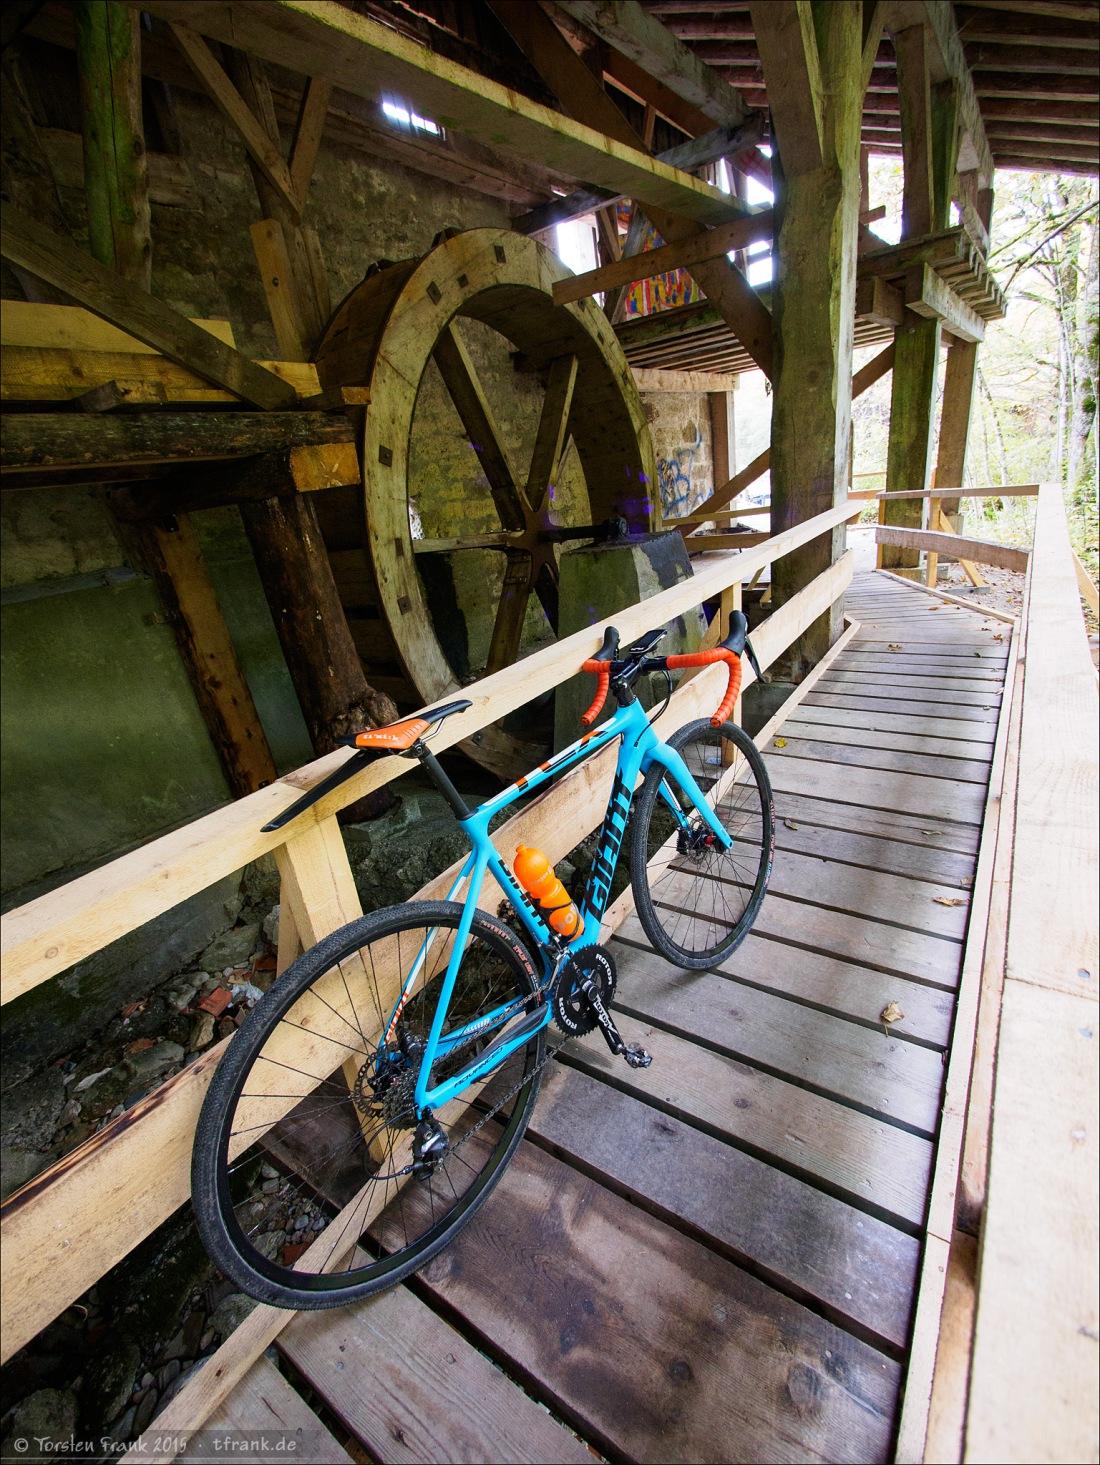 Von der ehemaligen Gipsmühle steht nur noch eine Fassade und dahinter ist noch etwas Holzgewerk, etwas Fluder und das rückschlächtige Wasserrad erhalten. Interessanterweise ist auf einer Tafel vor der Fassade ein unterschlächtiges Rad dargestellt. Seltsam.